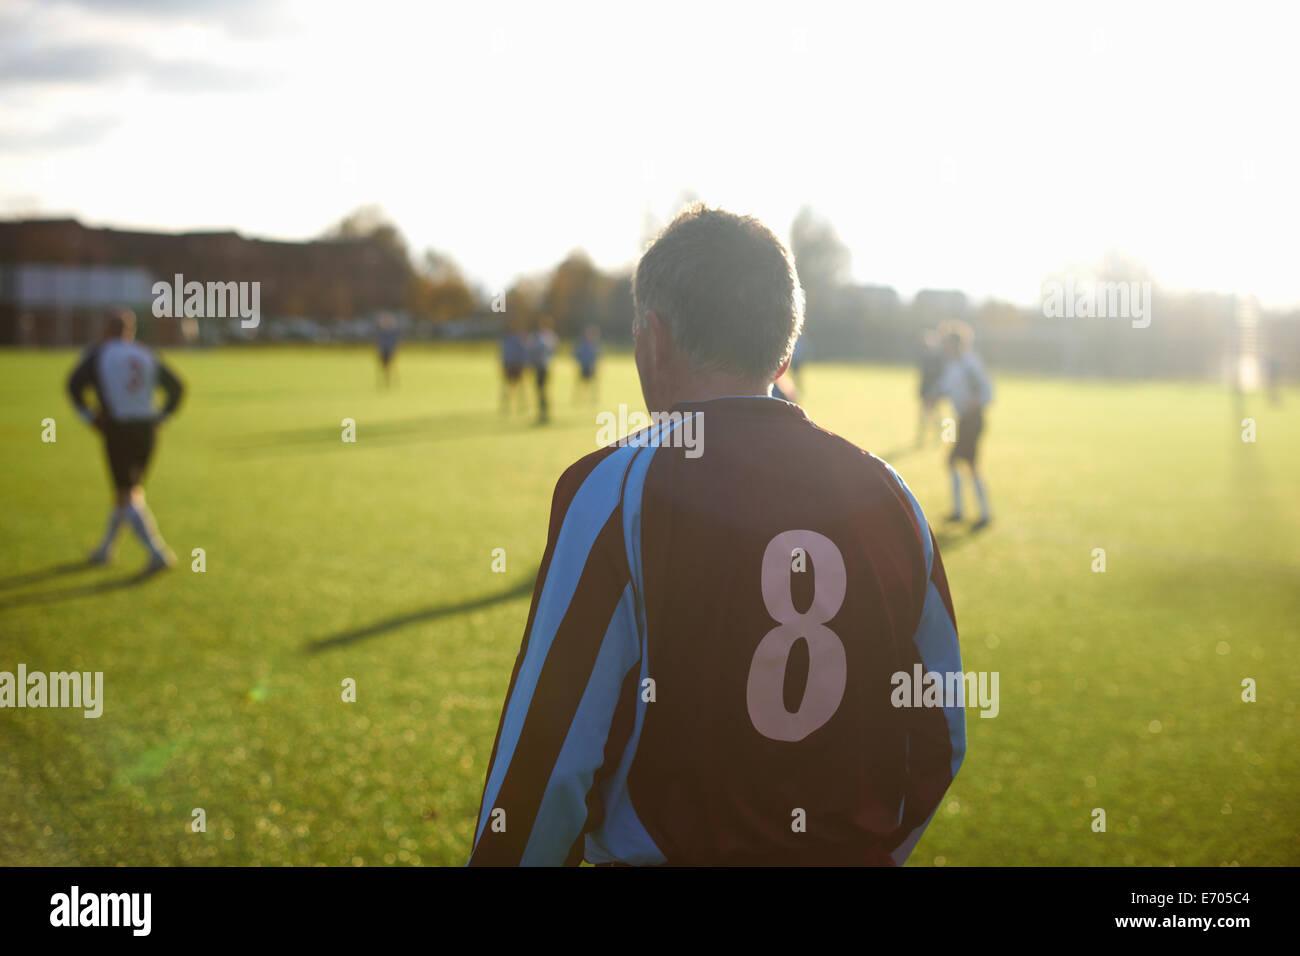 Specchietto del calcio il giocatore numero 8 Immagini Stock